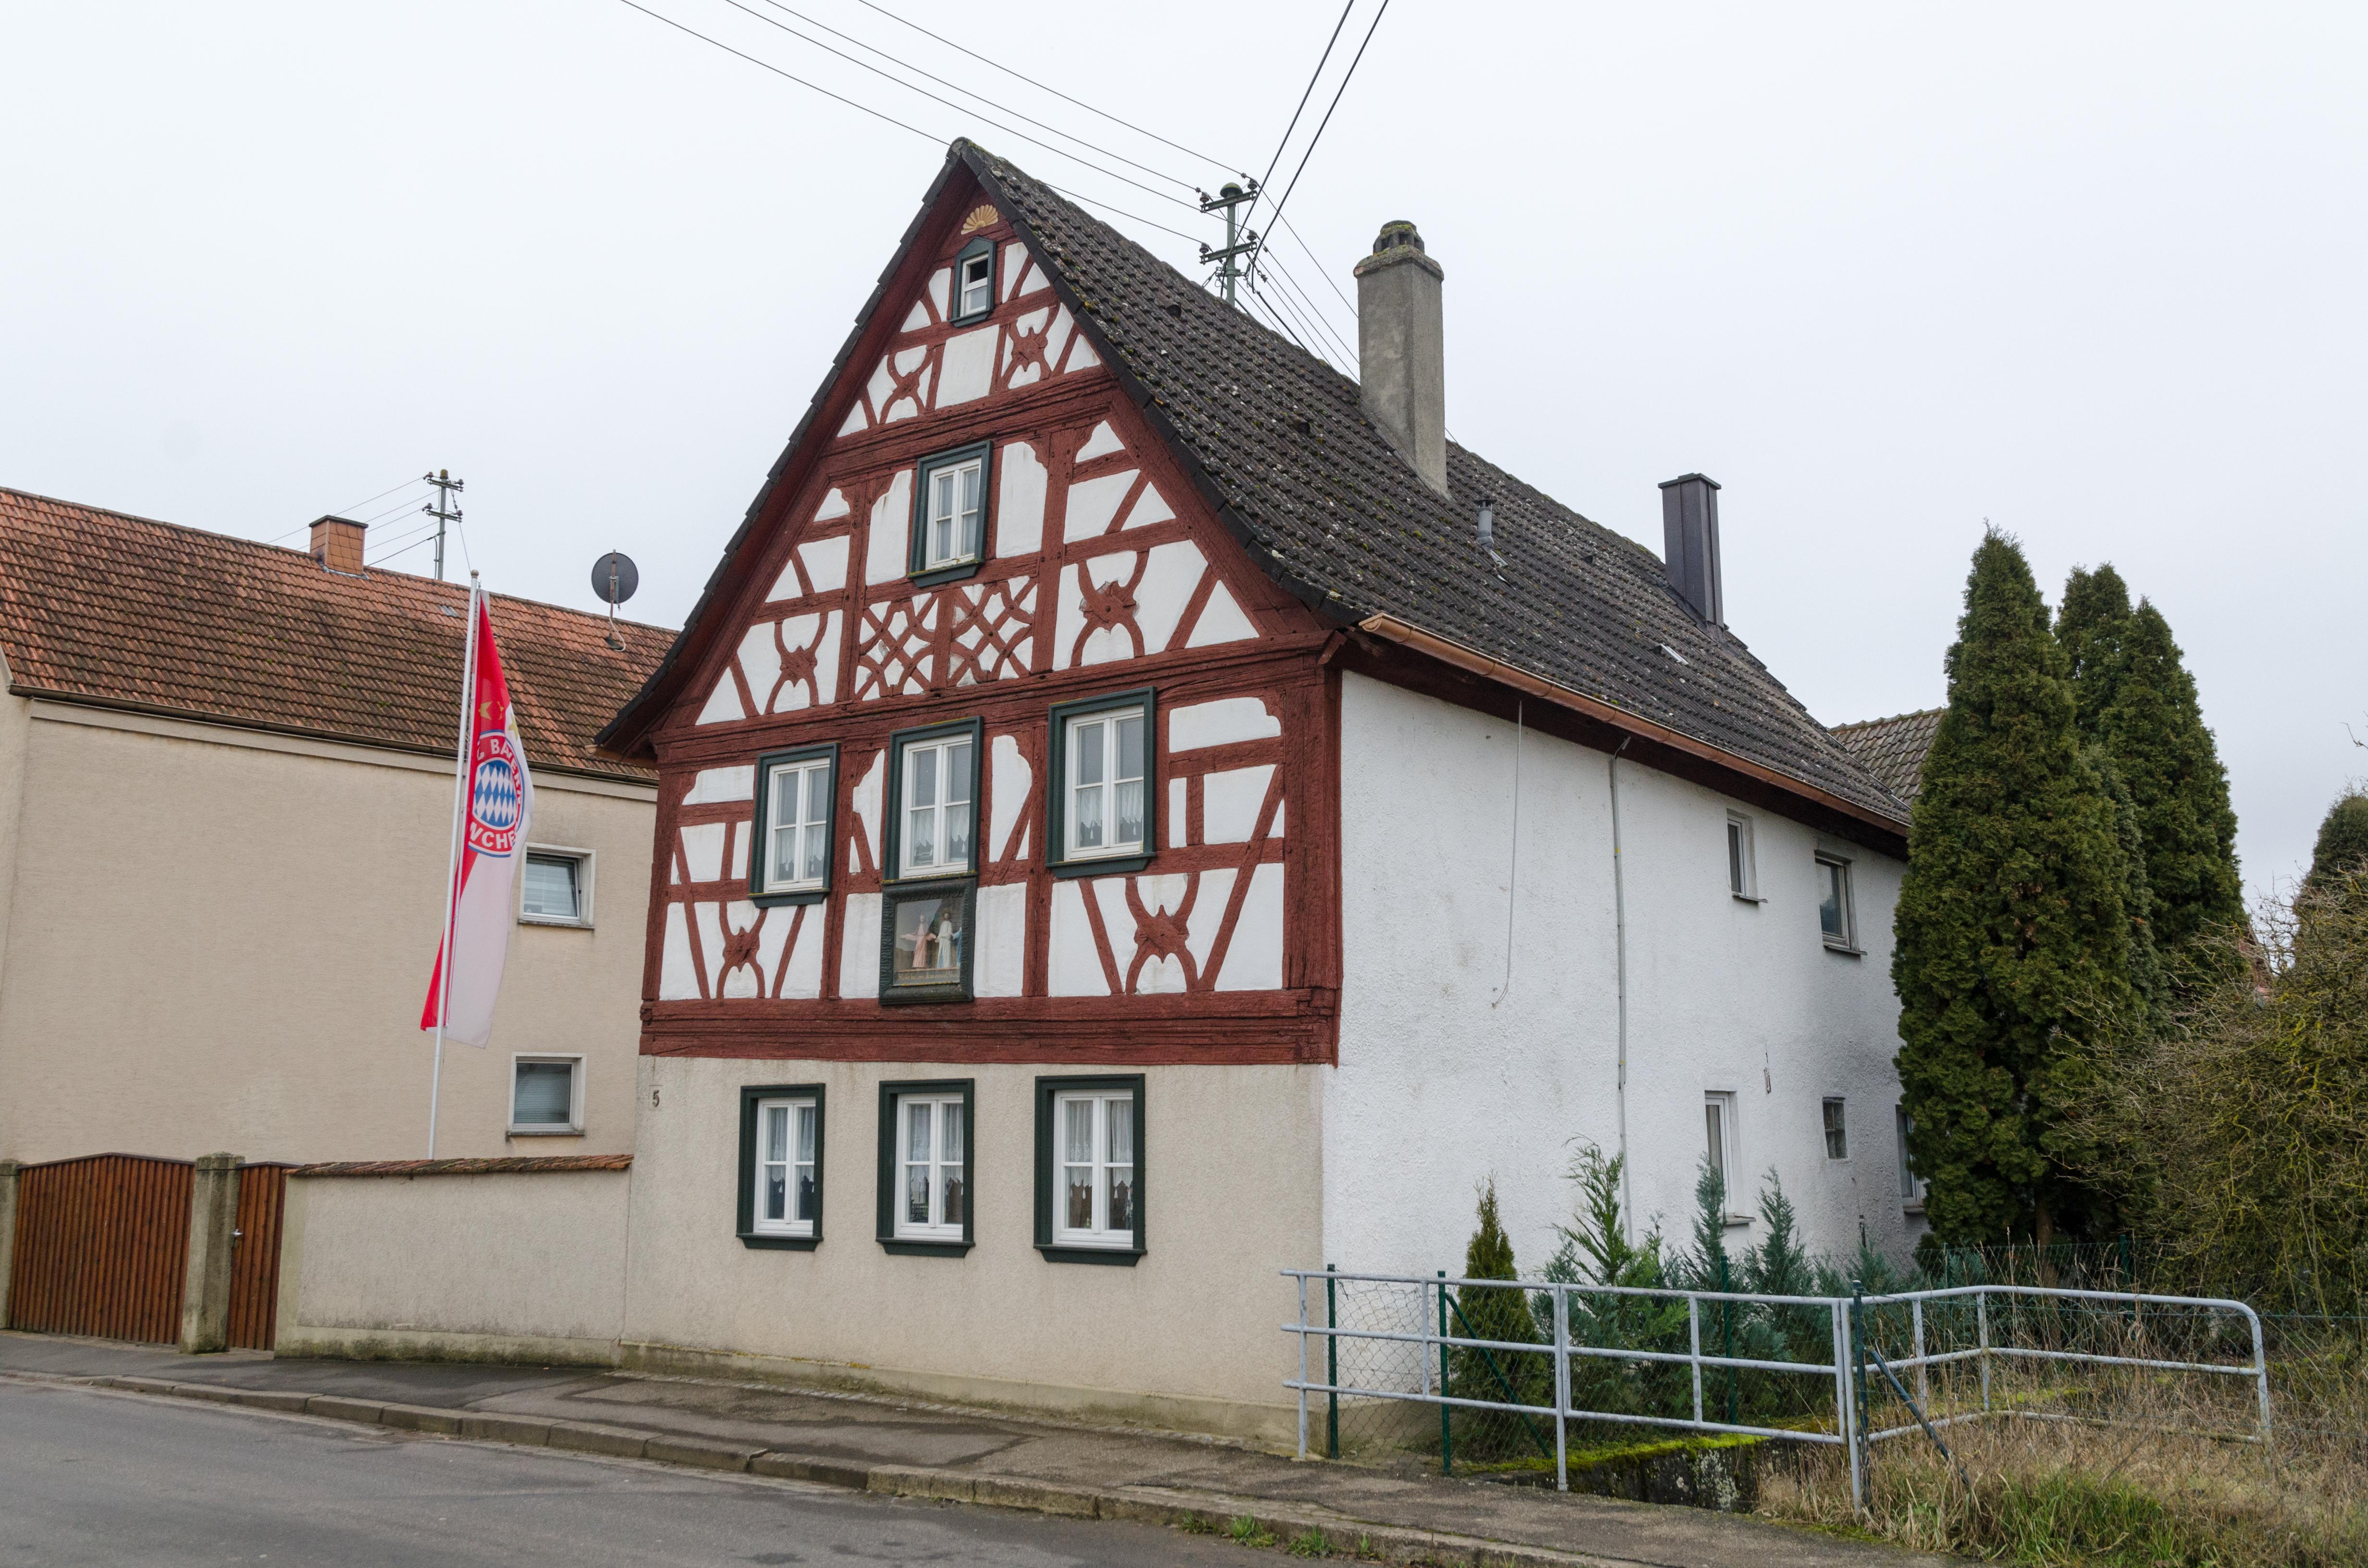 Seubrigshausen